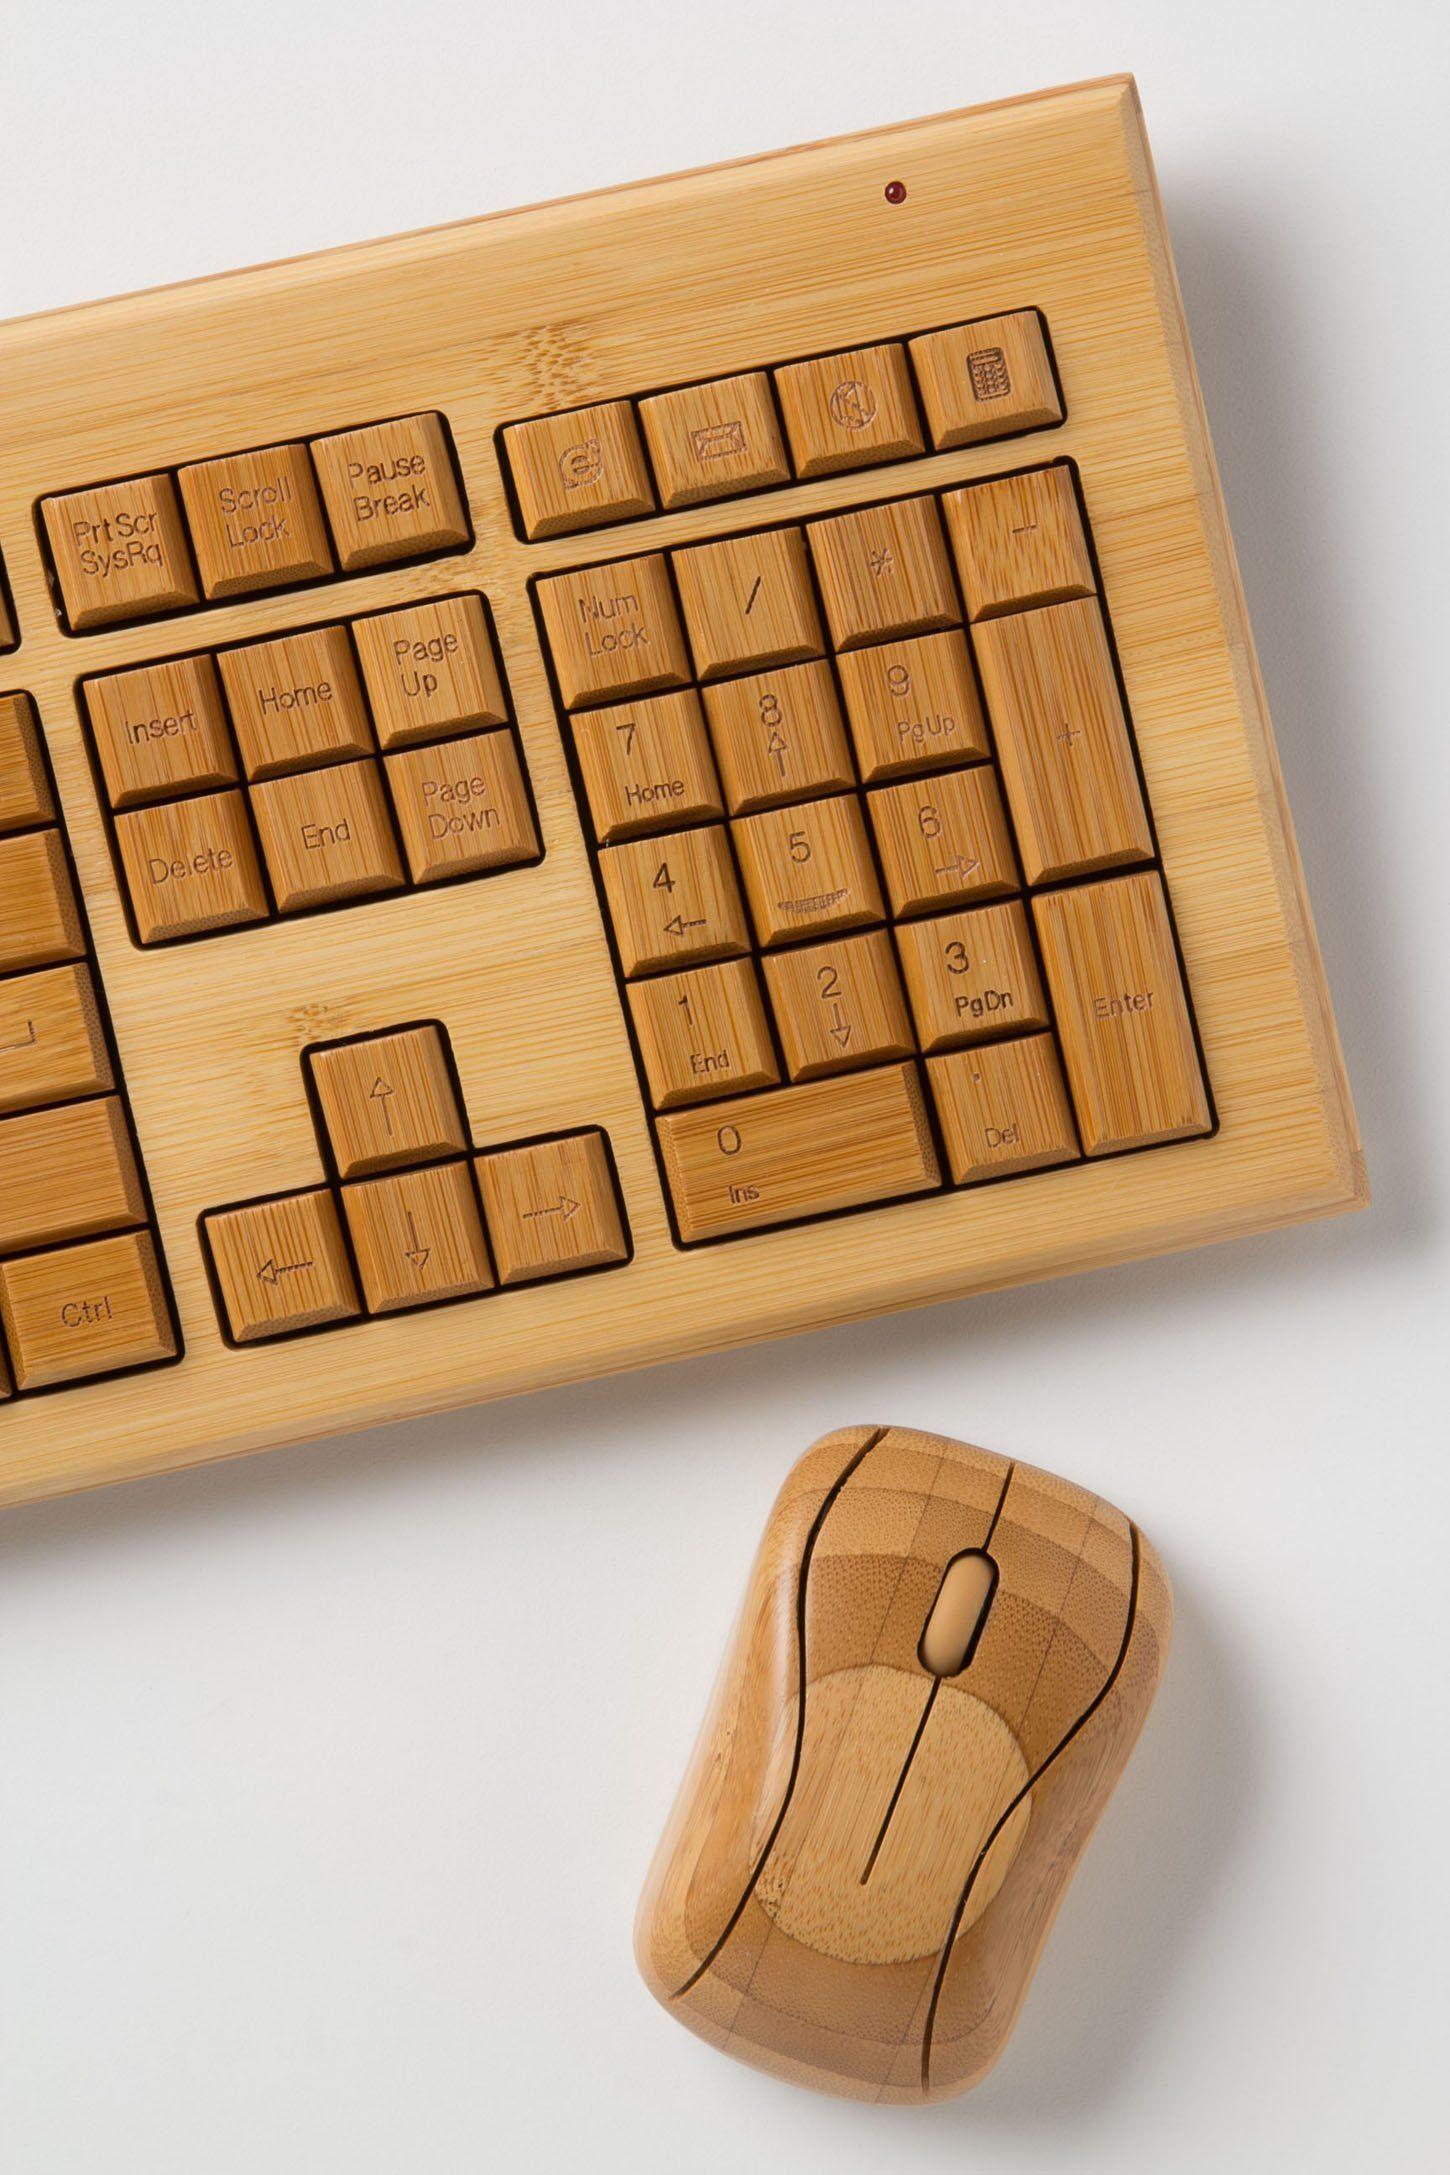 Bamboo Keyboard + Mouse인터넷카지노 W888.CO.KR 카지노추천 인터넷카지노 W888.CO.KR 카지노추천 인터넷카지노 W888.CO.KR 카지노추천